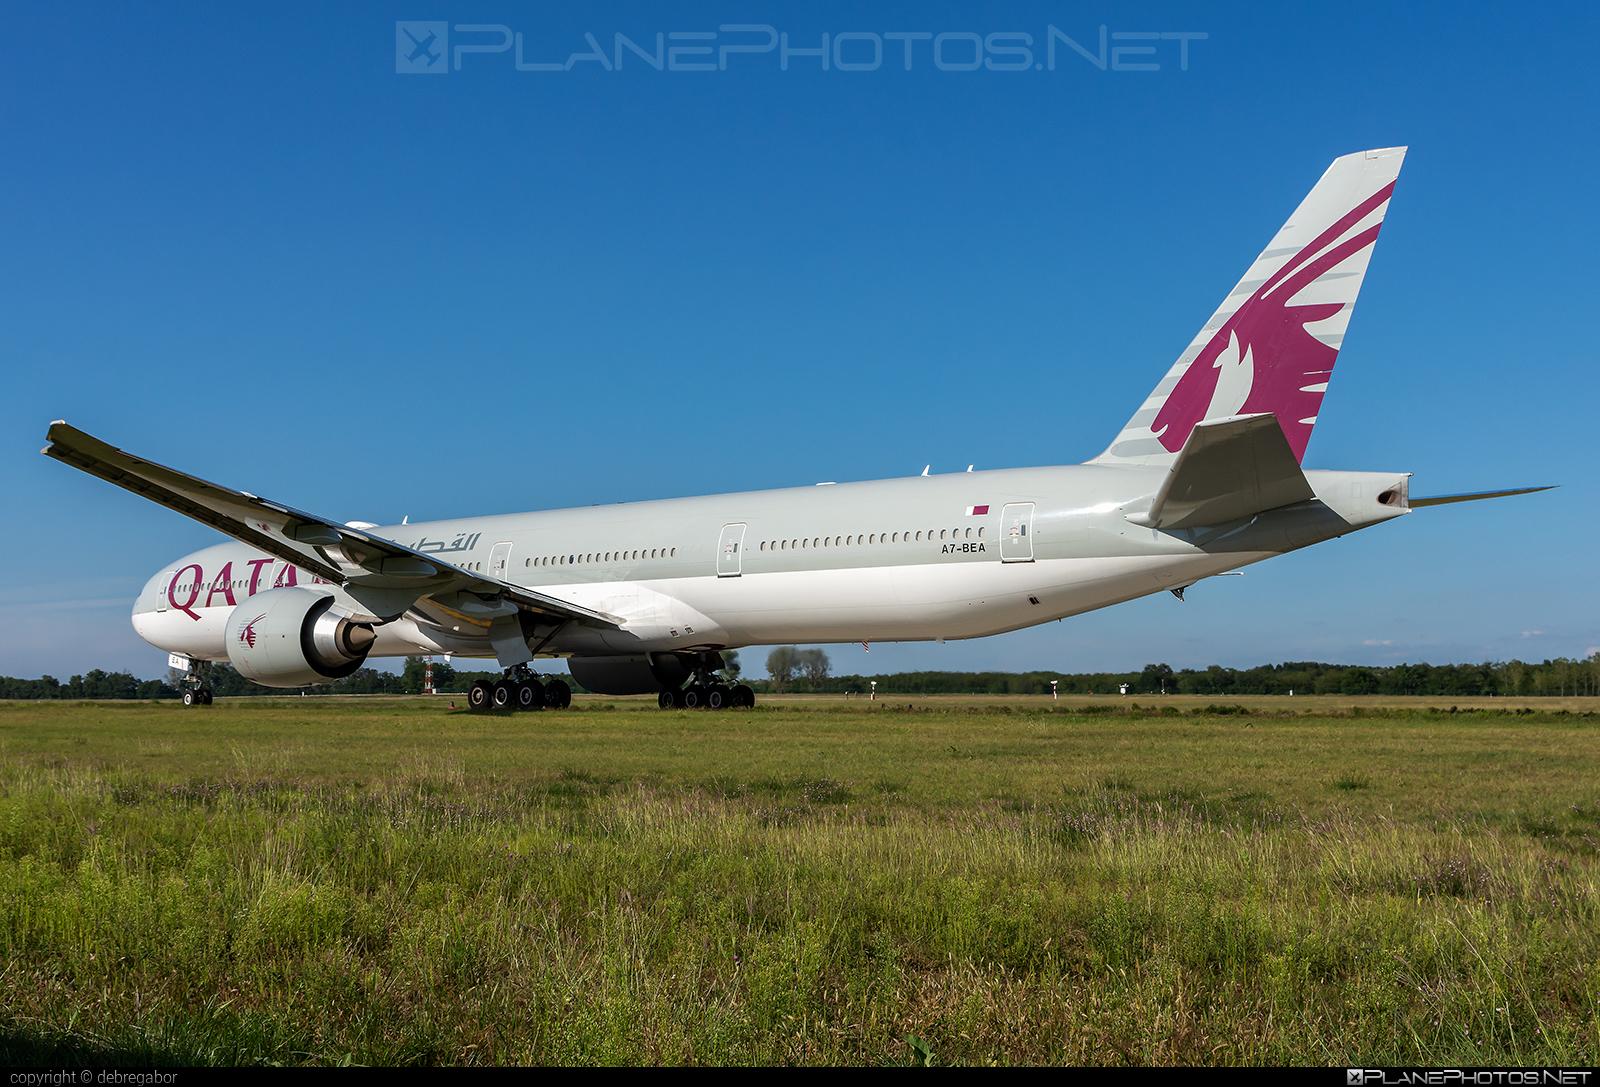 Boeing 777-300ER - A7-BEA operated by Qatar Airways #b777 #b777er #boeing #boeing777 #qatarairways #tripleseven